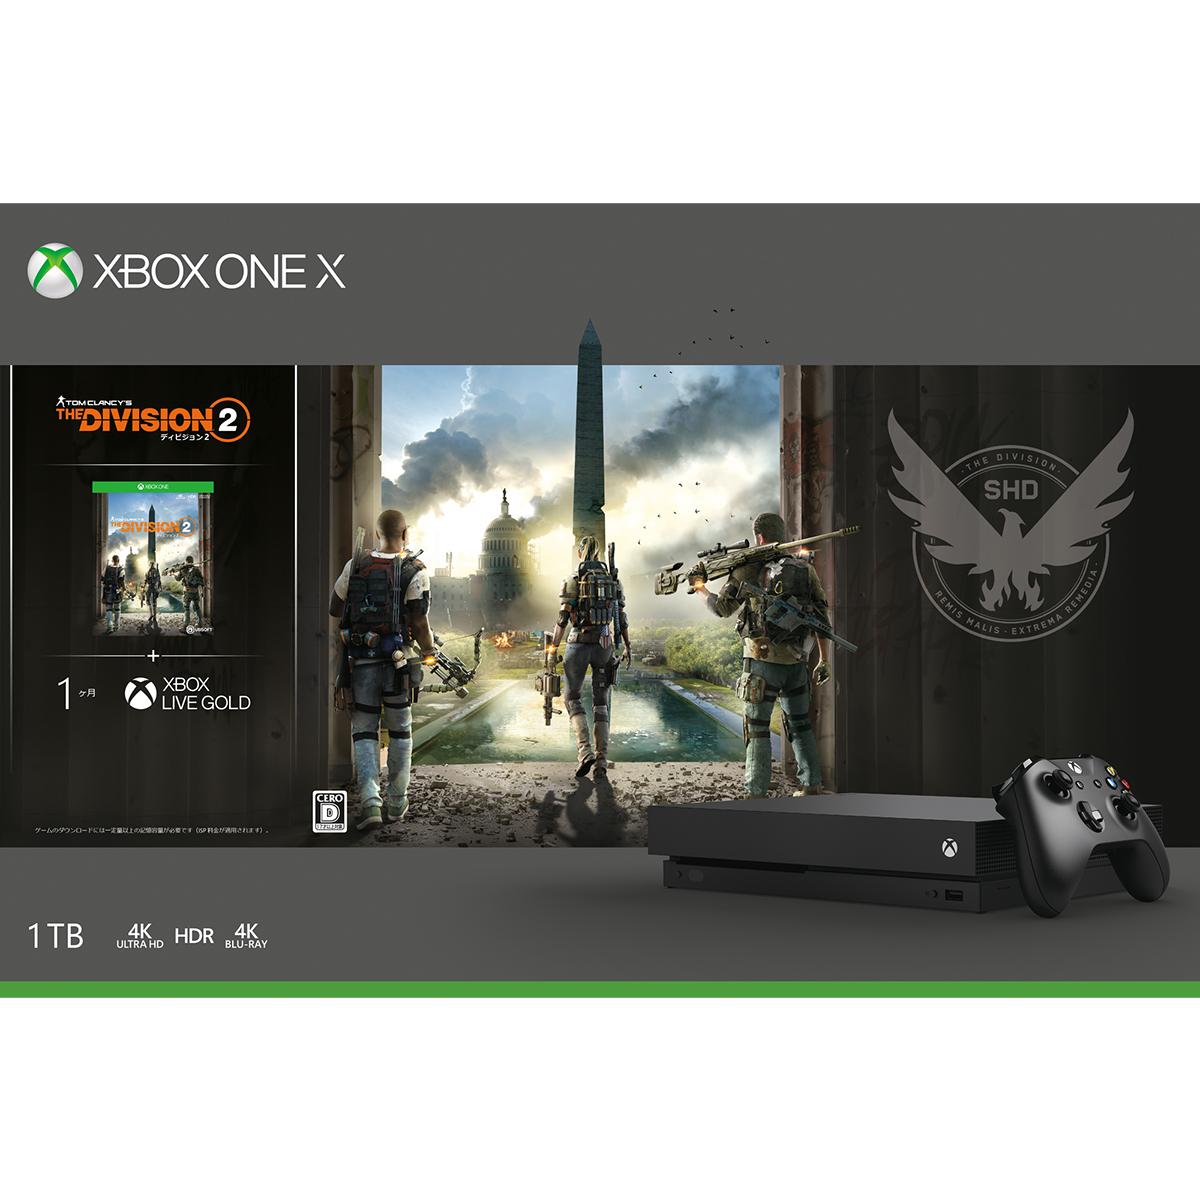 Xbox One X (ディビジョン2 同梱版)【楽天ブックス】